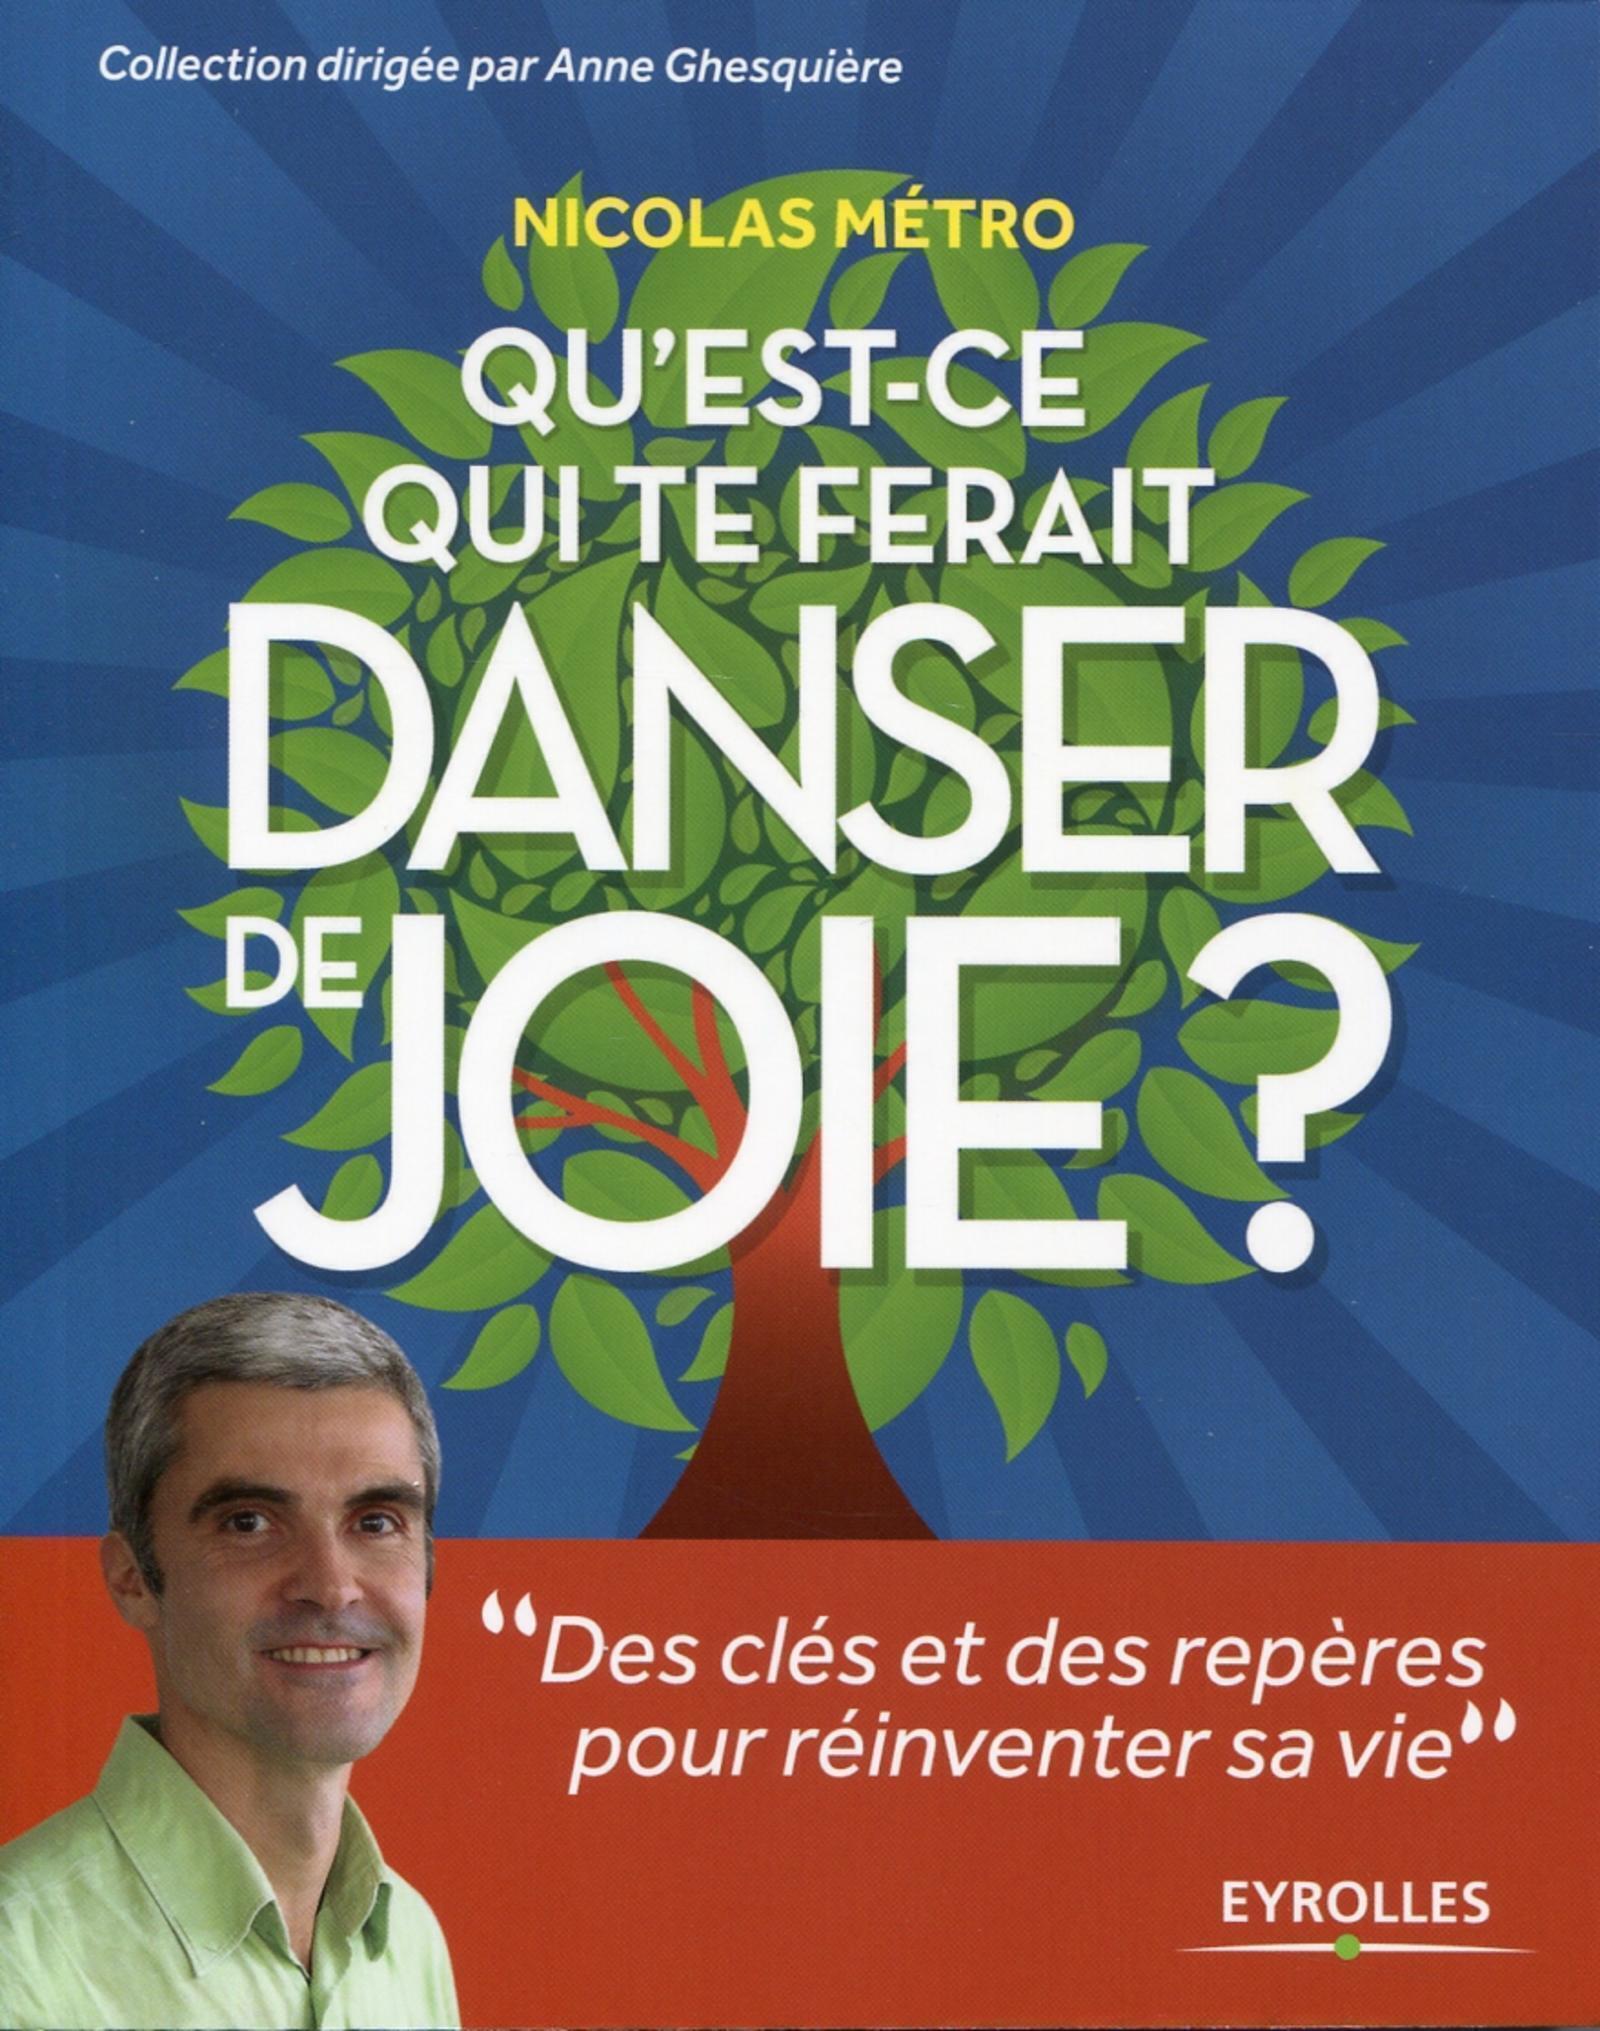 QU'EST-CE QUI TE FERAIT DANSER DE JOIE ? - DES CLES ET DES REPERES POUR REINVENTER SA VIE.